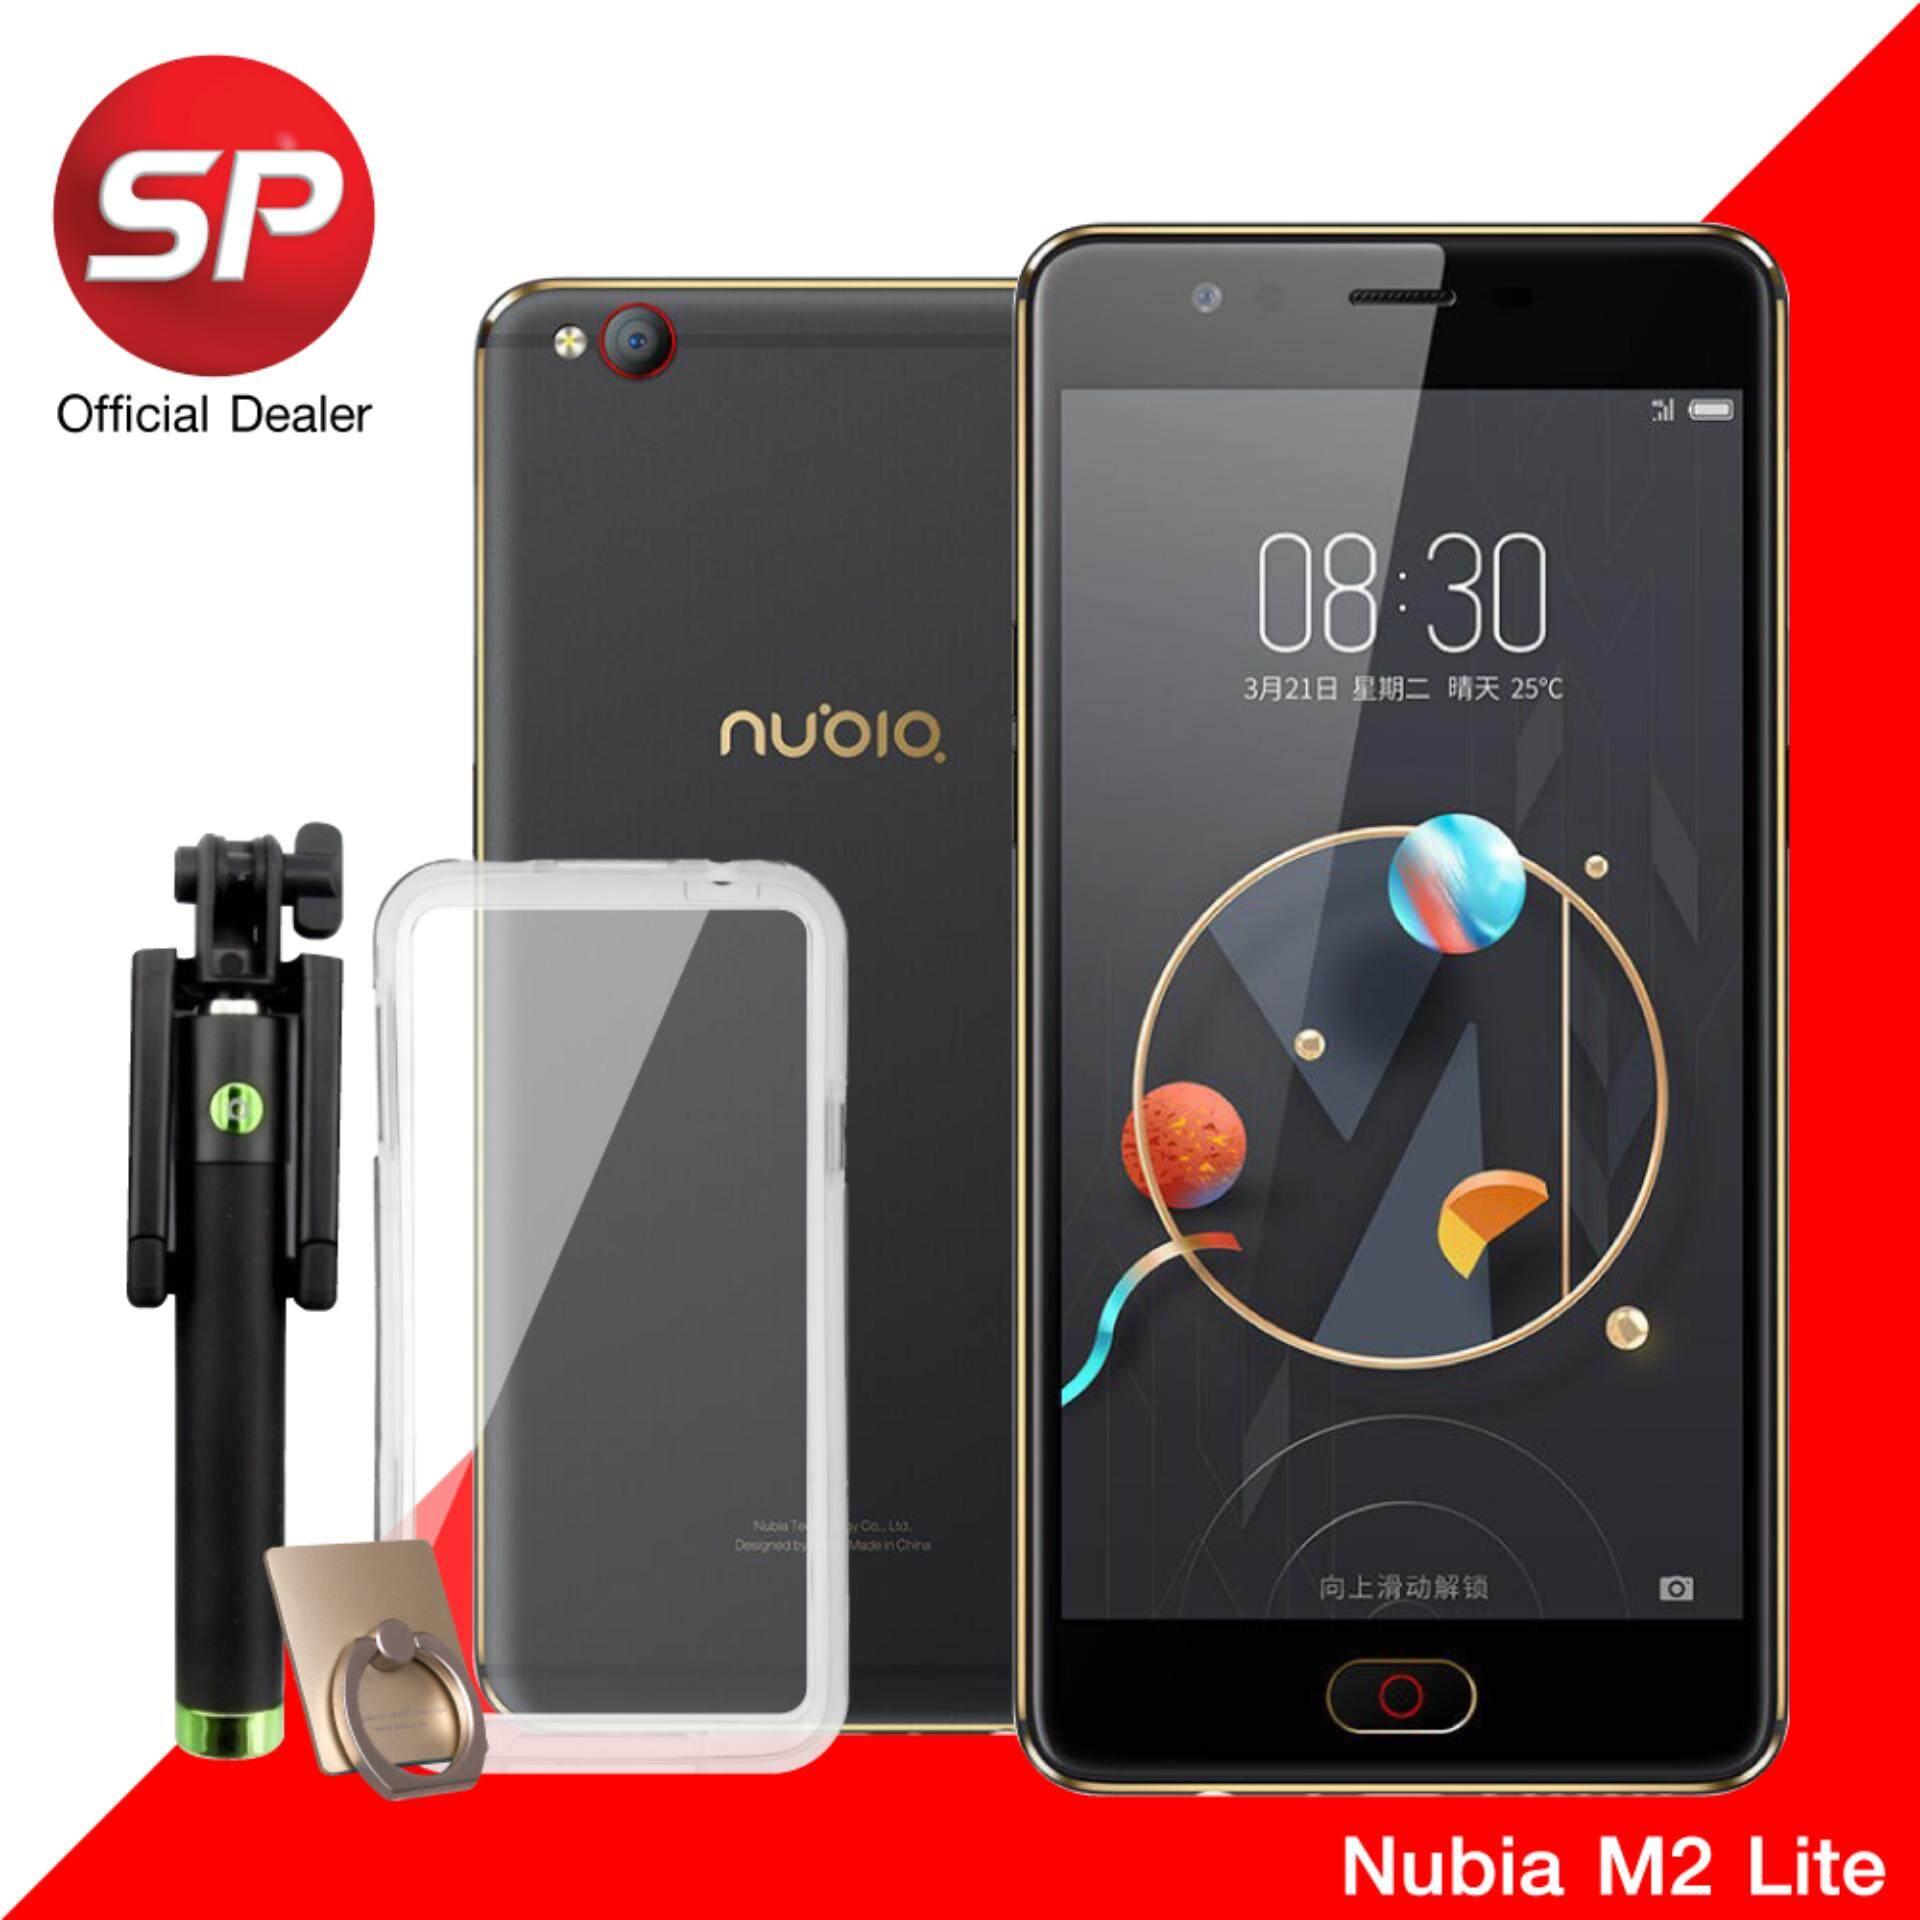 ซื้อ Nubia M2 Lite 4 32Gb พร้อมเคสกันกระแทก ไม้เซลฟี่ แหวนจับ ตั้งมือถือ มูลค่ารวม 490 รับประกันศูนย์ Nubia ประเทศไทย 1 ปีเต็ม Nubia ถูก